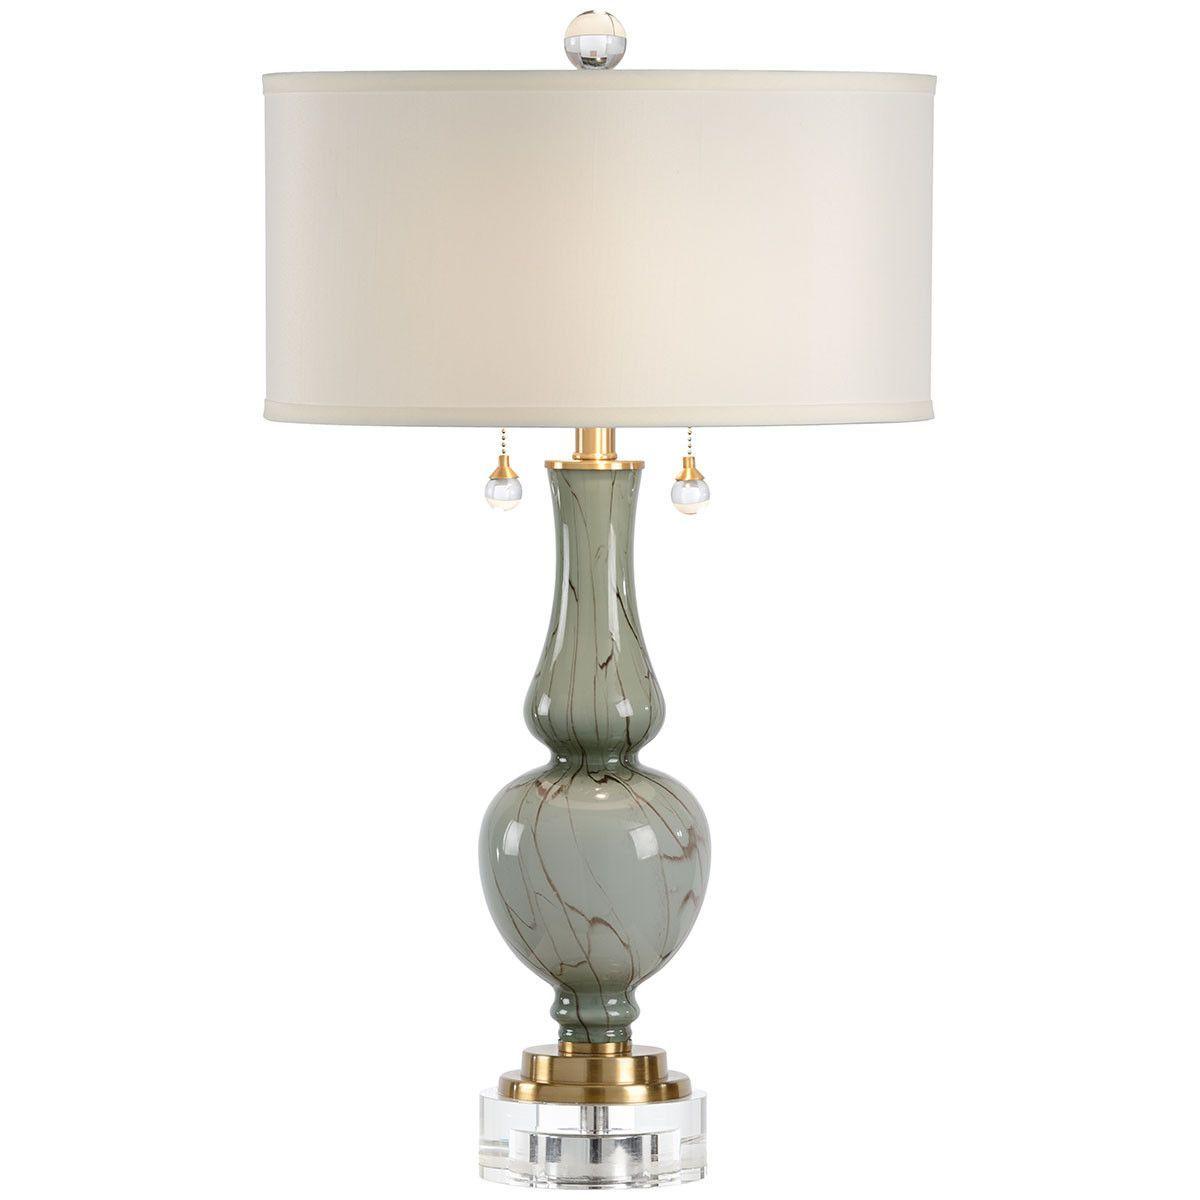 wildwood antique brass belle mont lamp antique brass belle and glass rh nz pinterest com